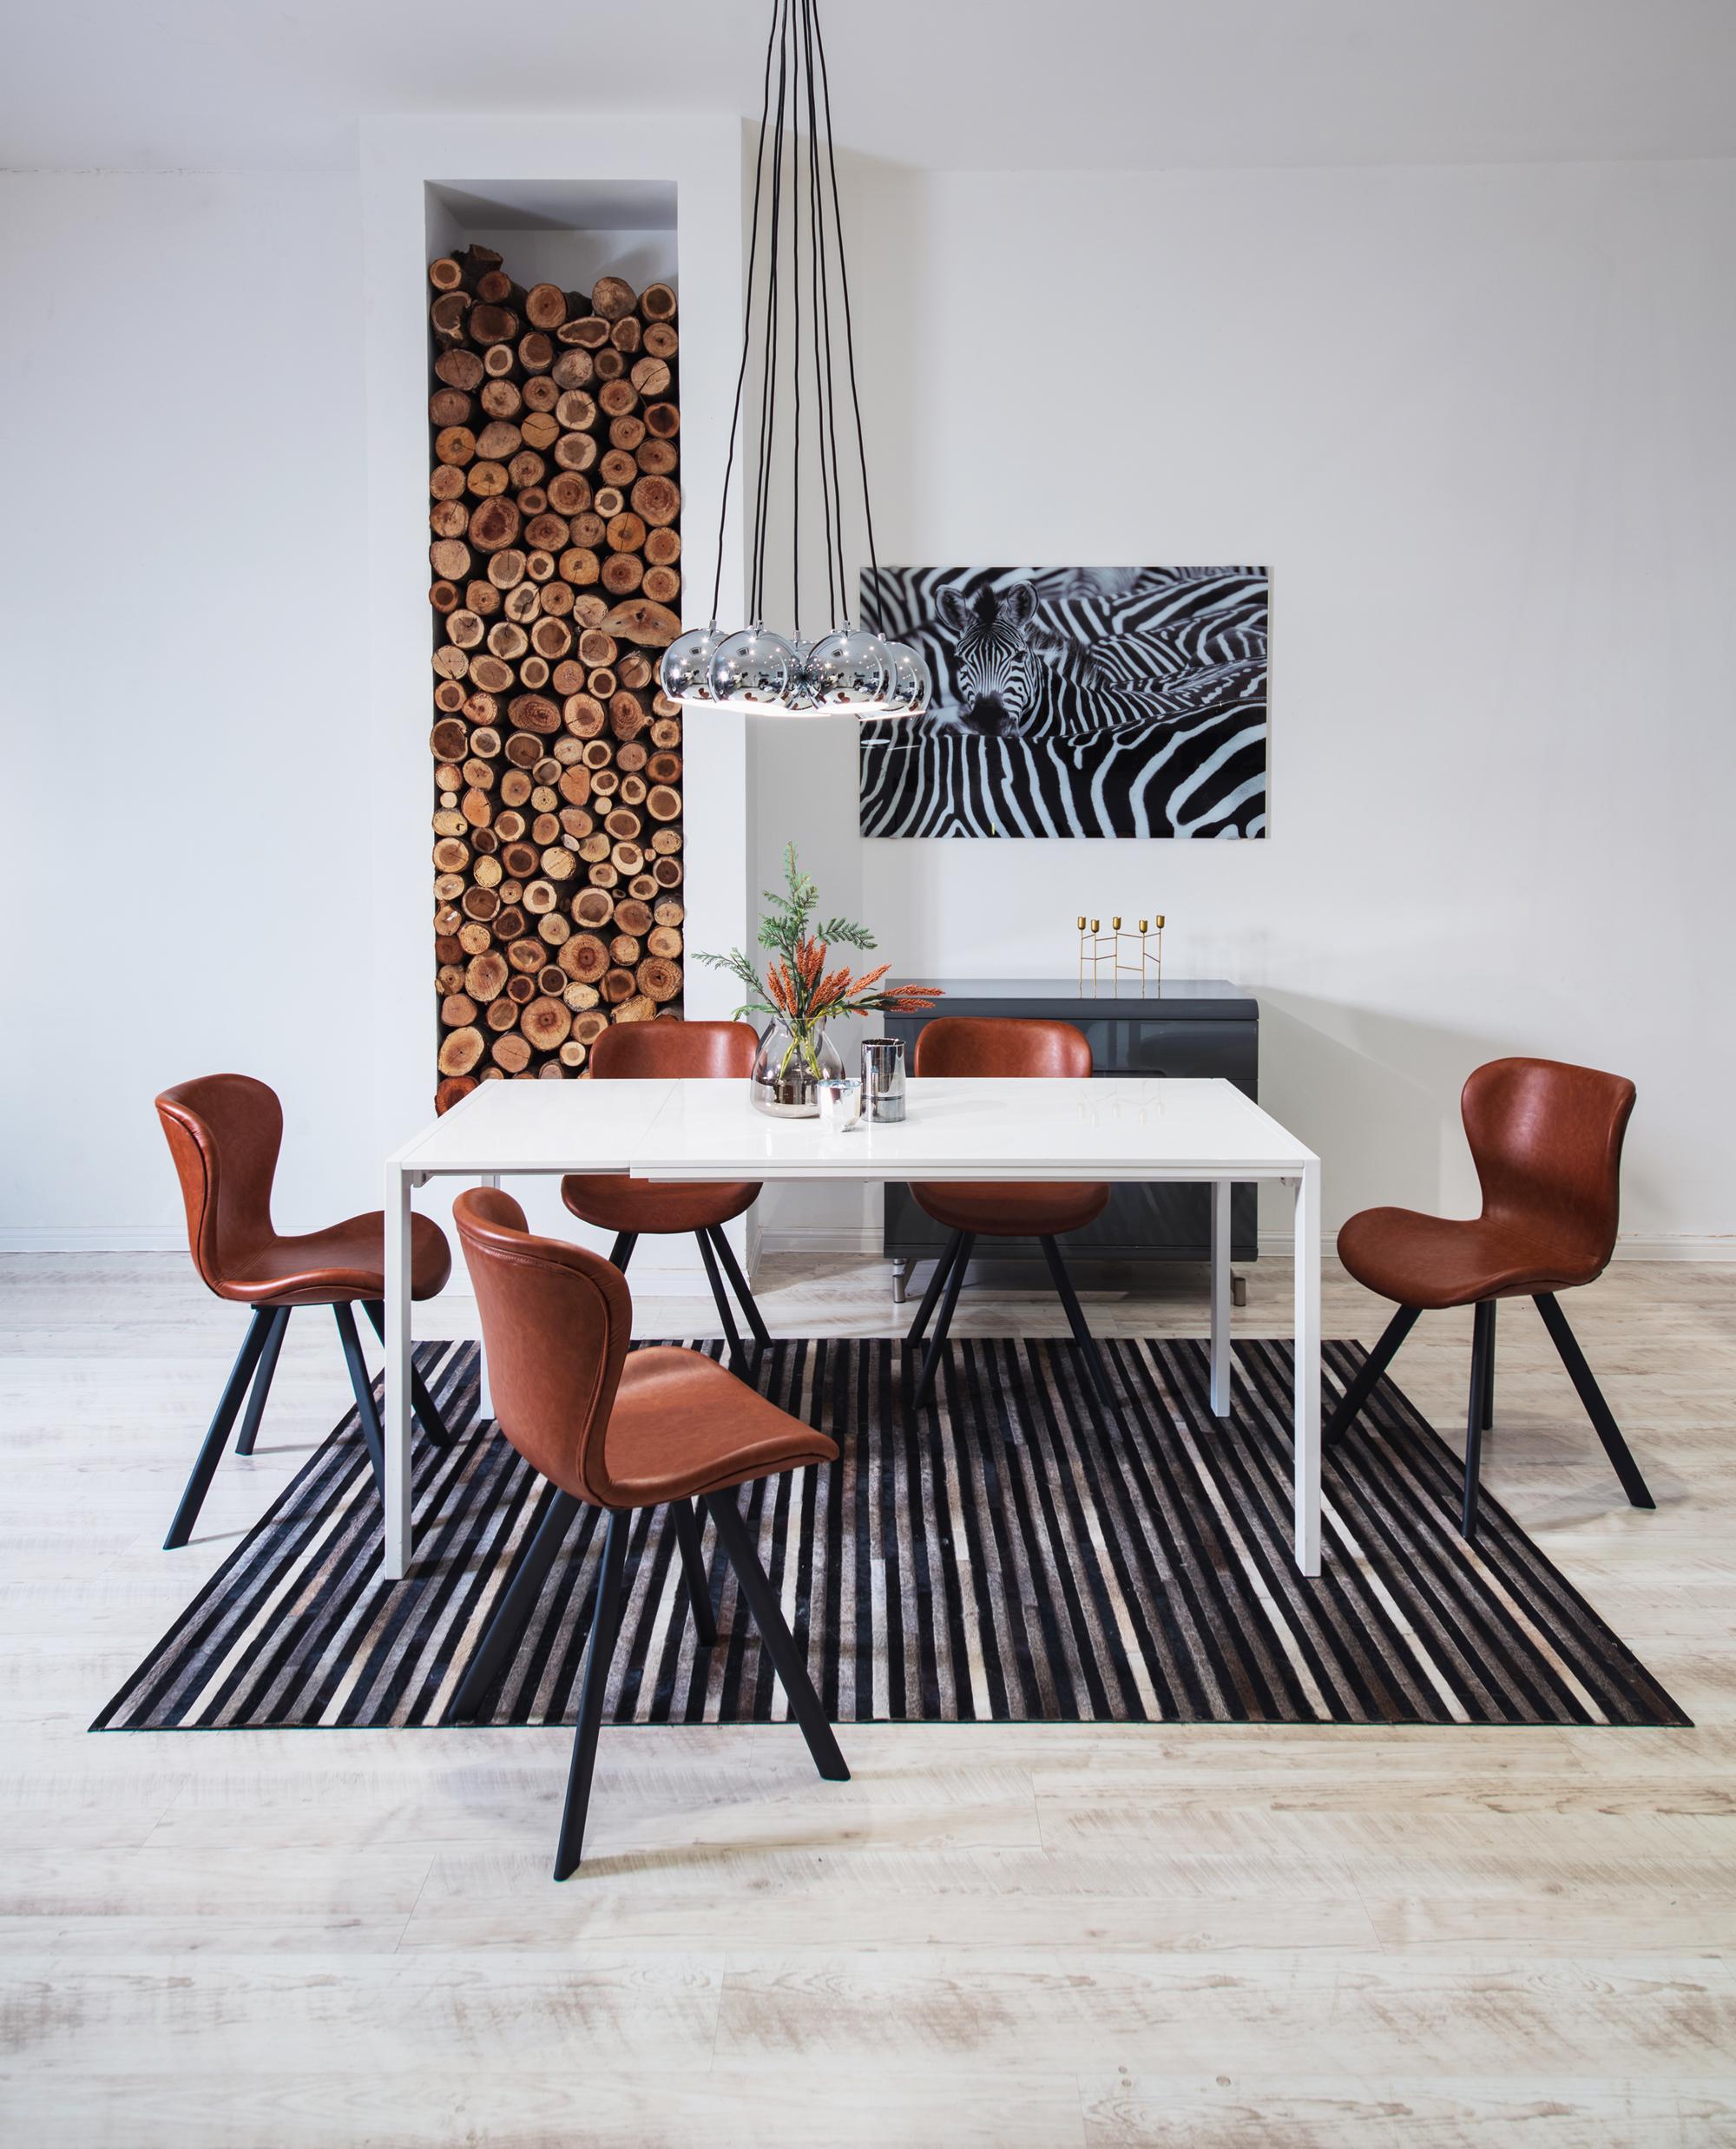 Đơn giản cuộc sống với những bộ bàn ăn mang phong cách Scandinavian